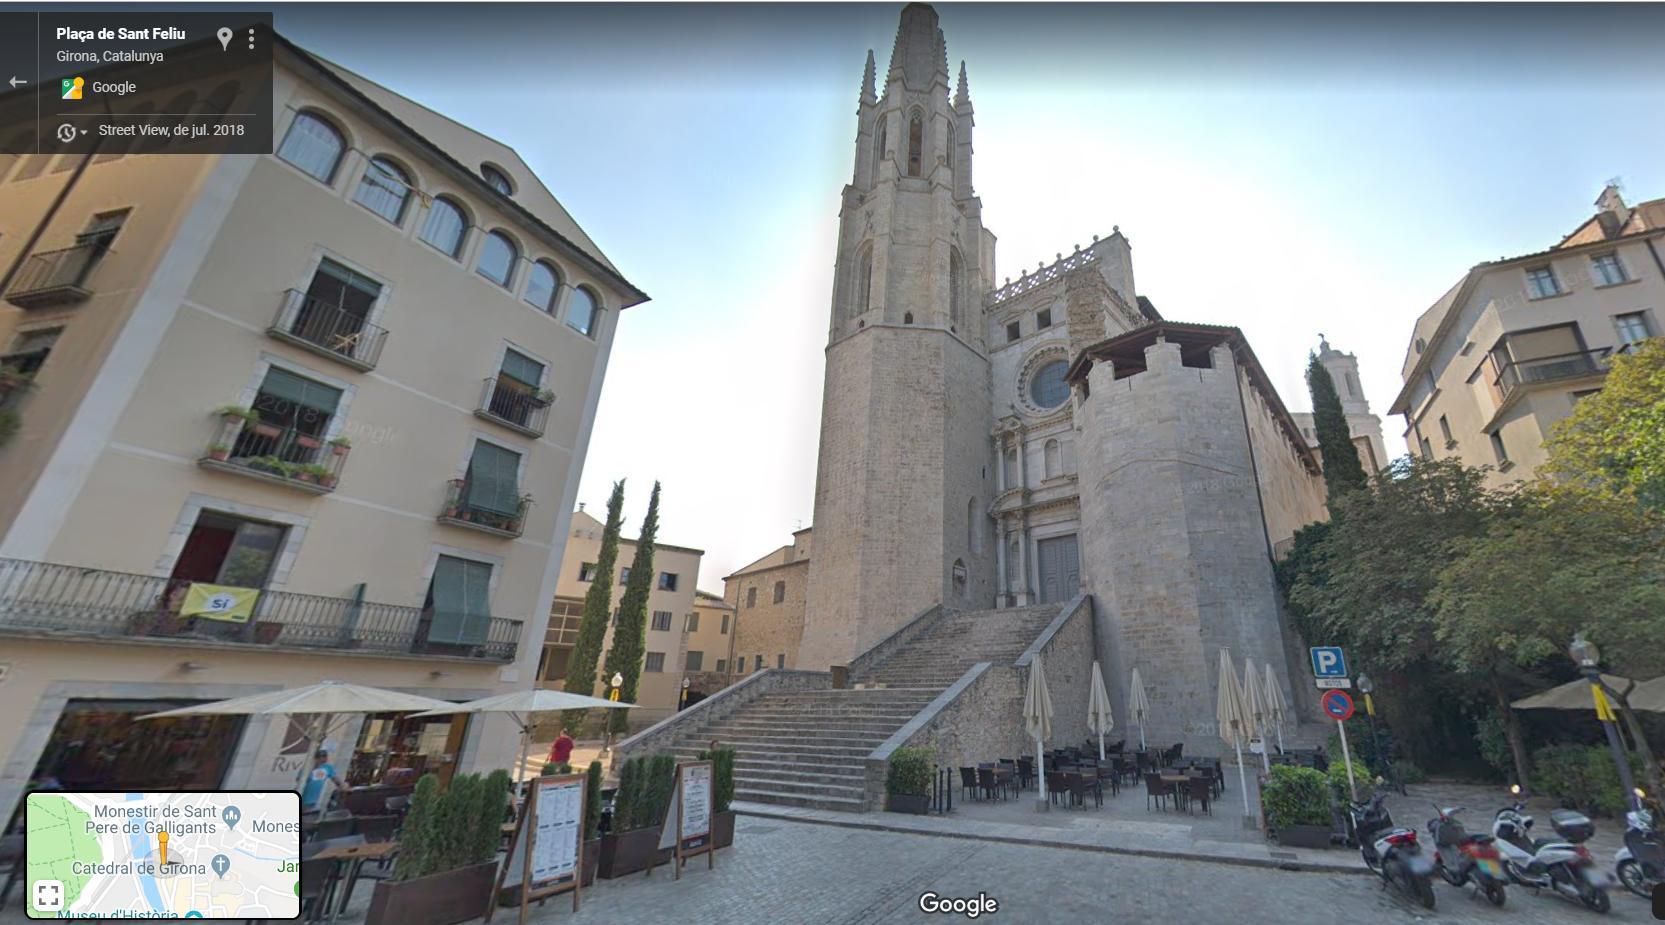 Garatge / Pàrquing a Girona, en lloguer